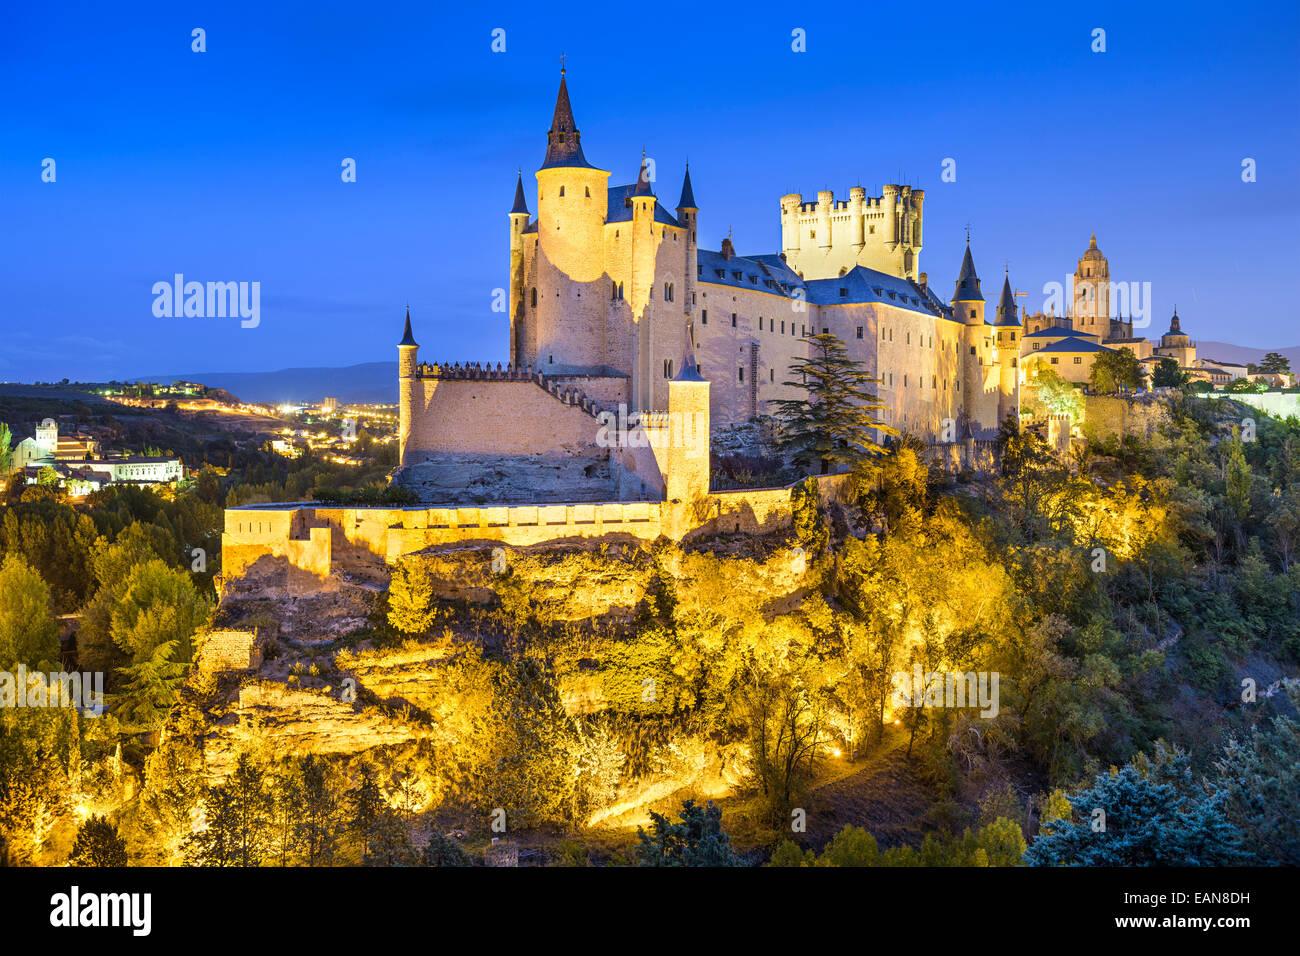 Segovia, España ciudad skyline con el Alcázar en la noche. Imagen De Stock